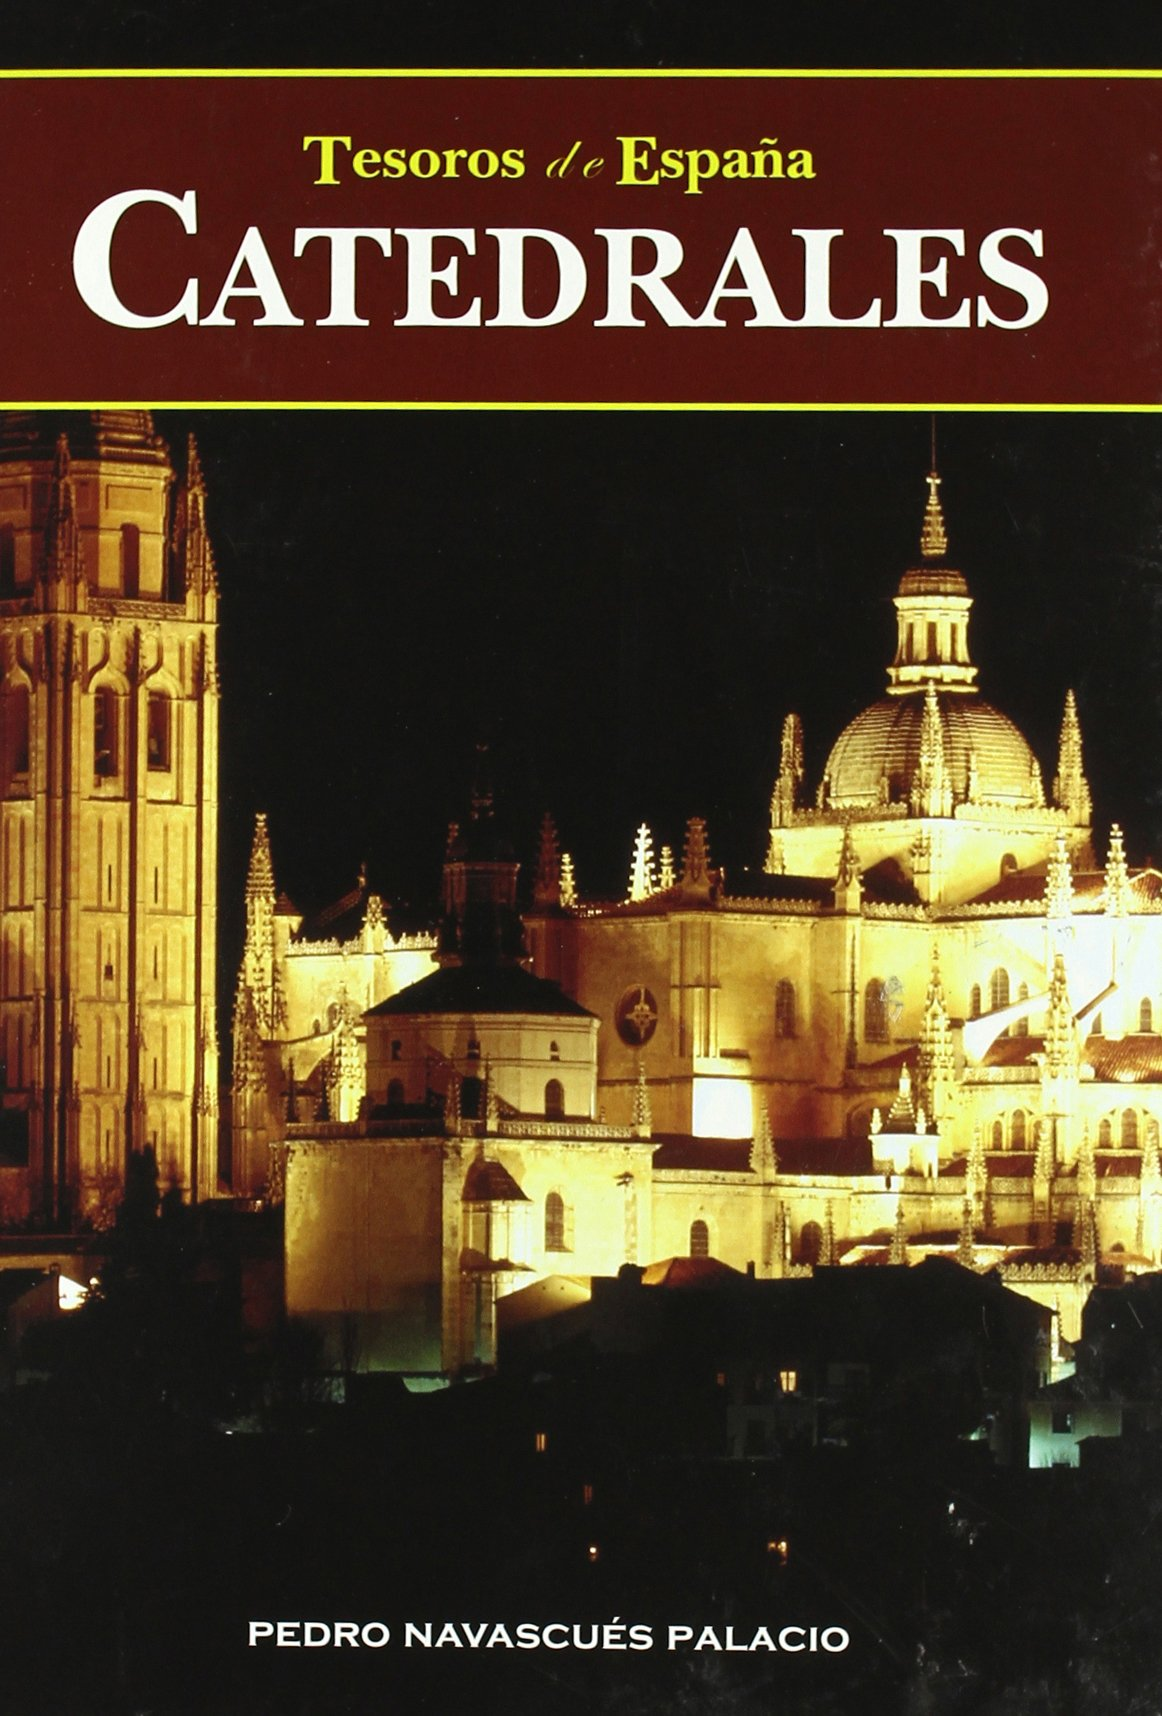 Catedrales (Tesoros de España Nº 4): Amazon.es: Navascués Palacio ...